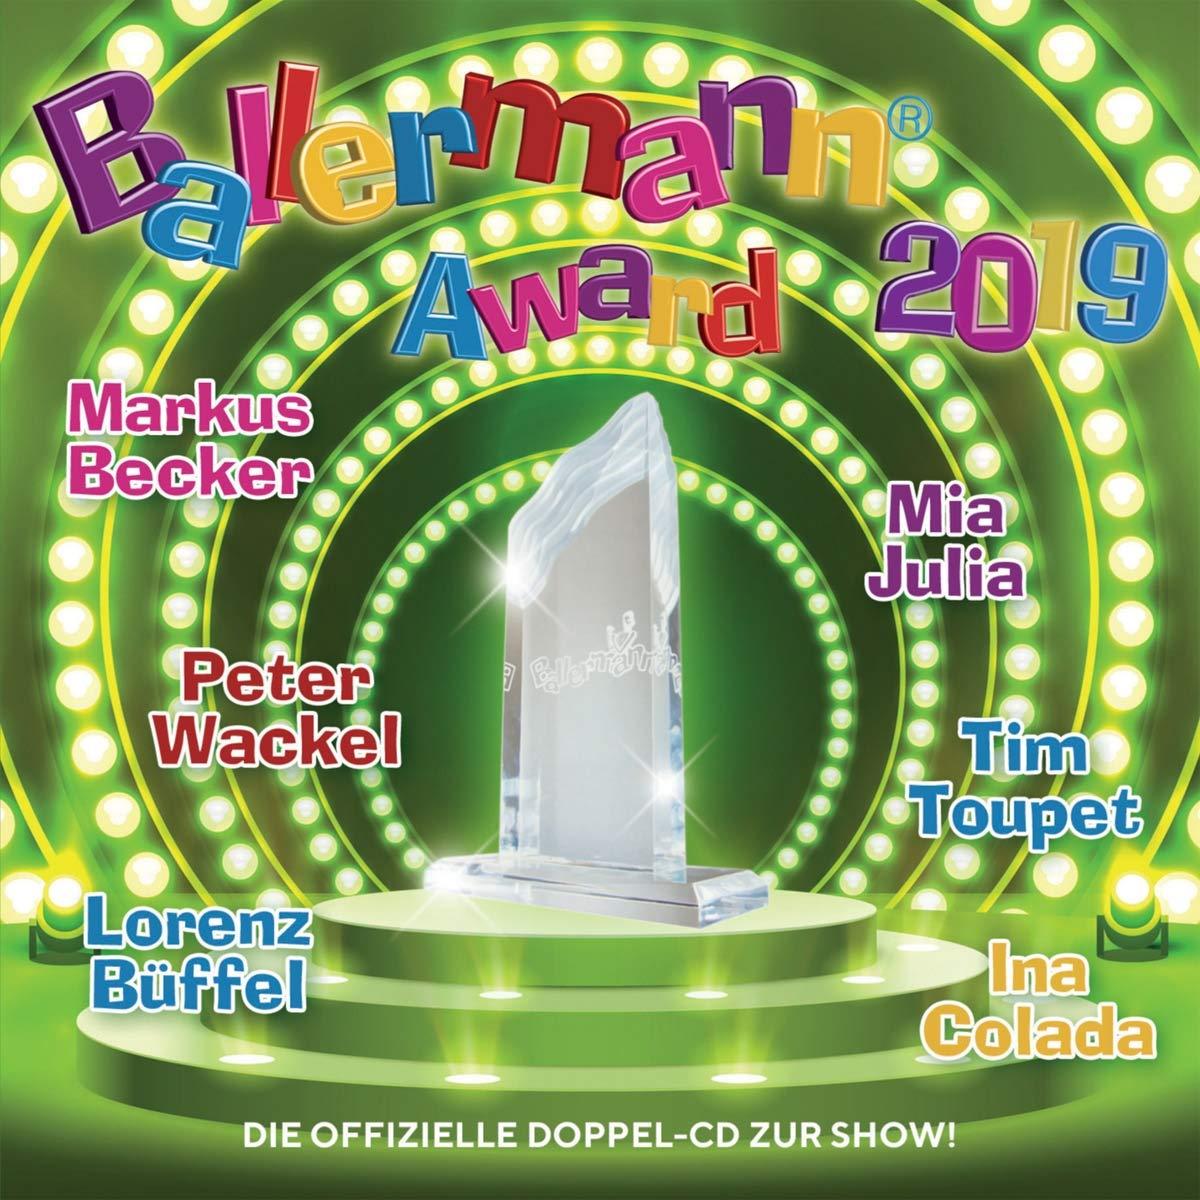 Ballermann Award 2019 - Der Sampler zur großen TV-Show im Deutsches Musik Fernsehen